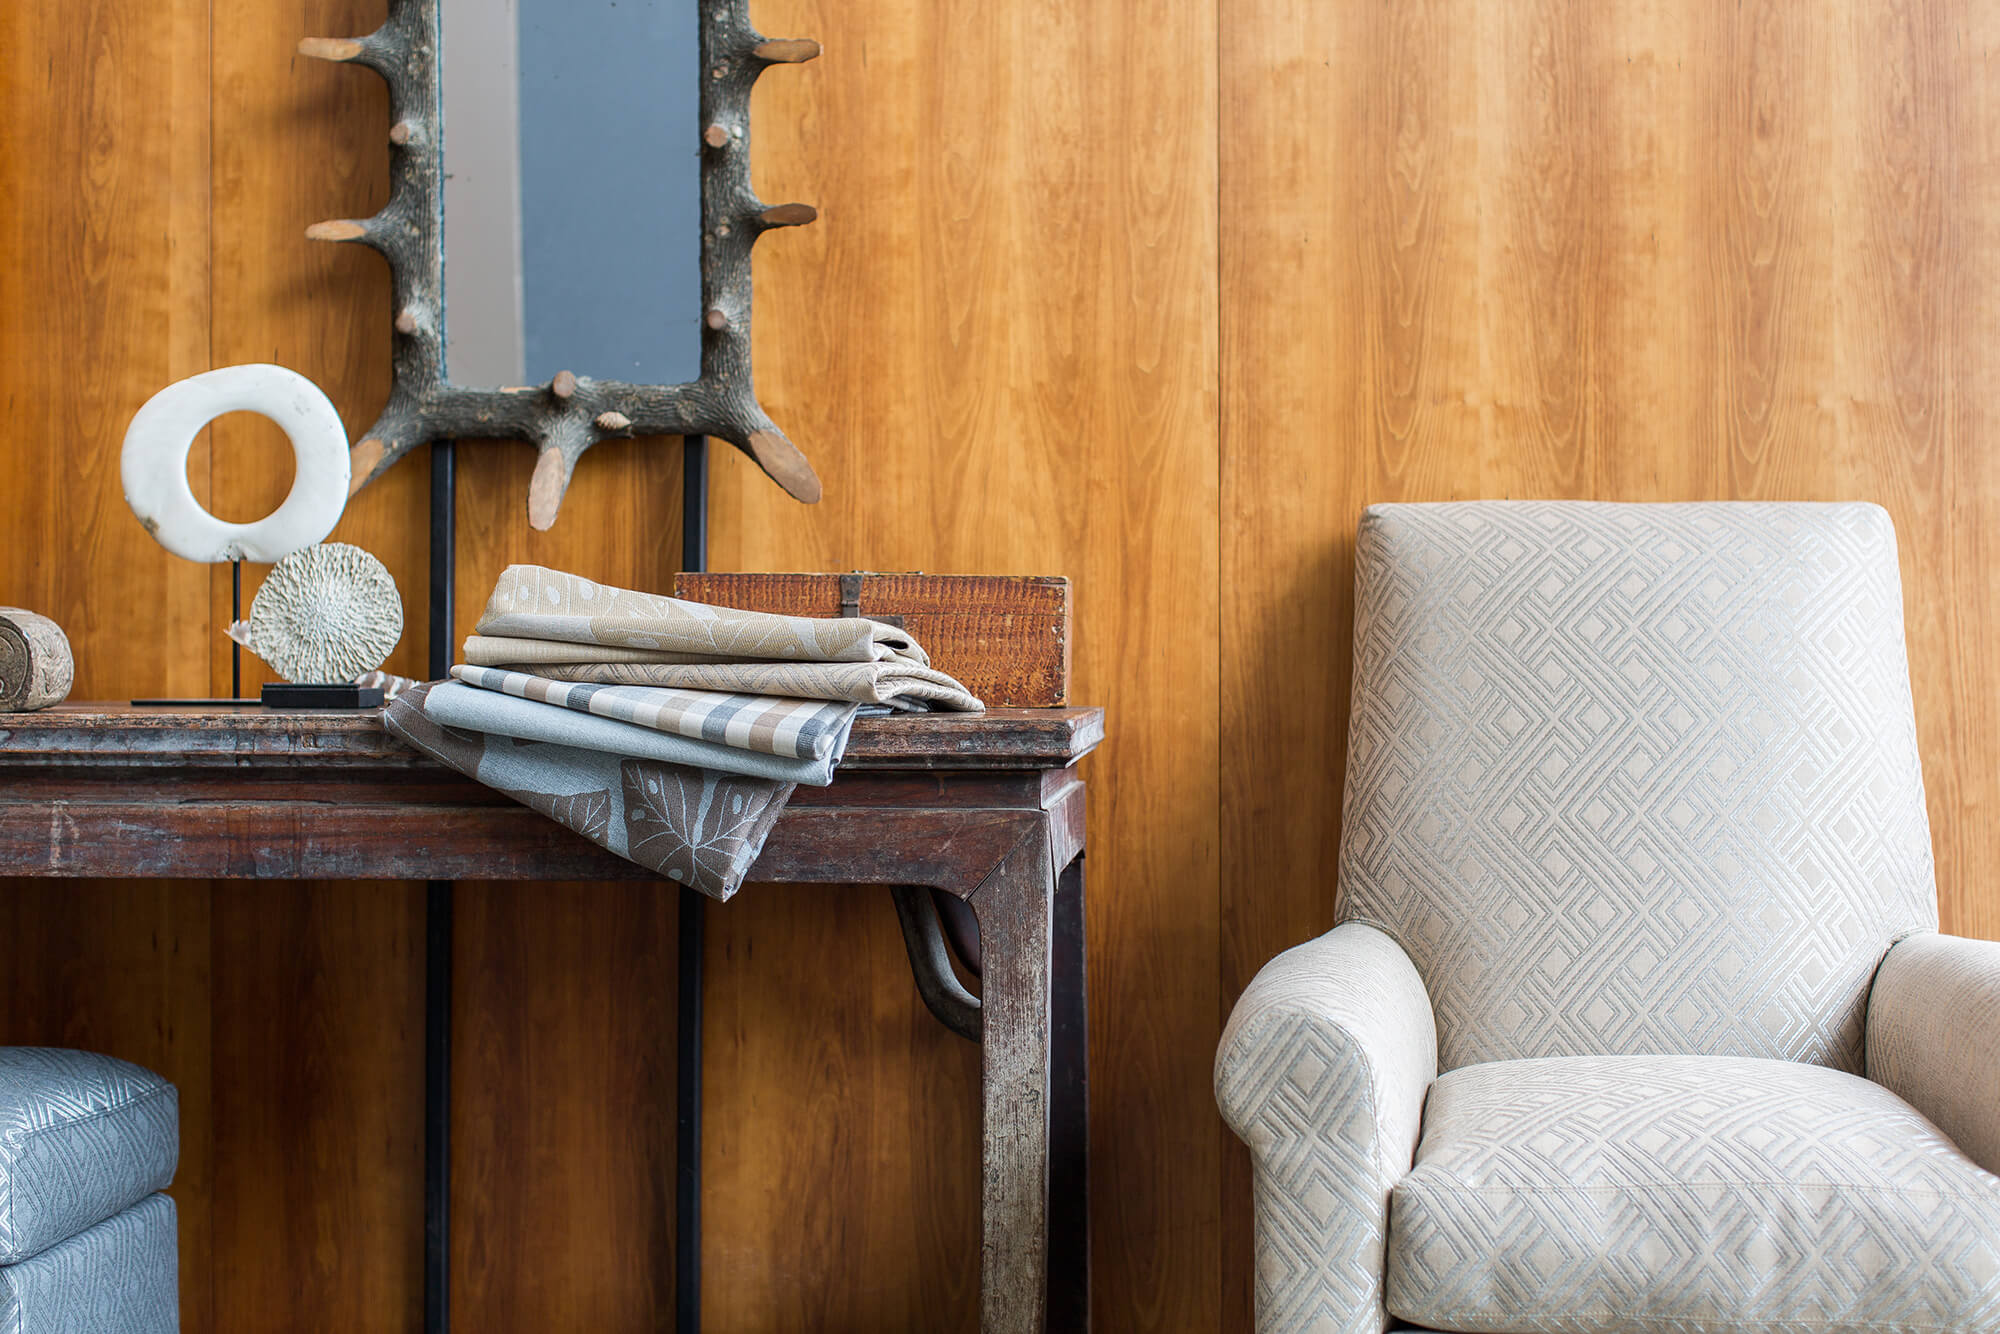 Ghế bọc nệm với hoa văn trung tính cạnh bàn gỗ với chồng vải phía trên